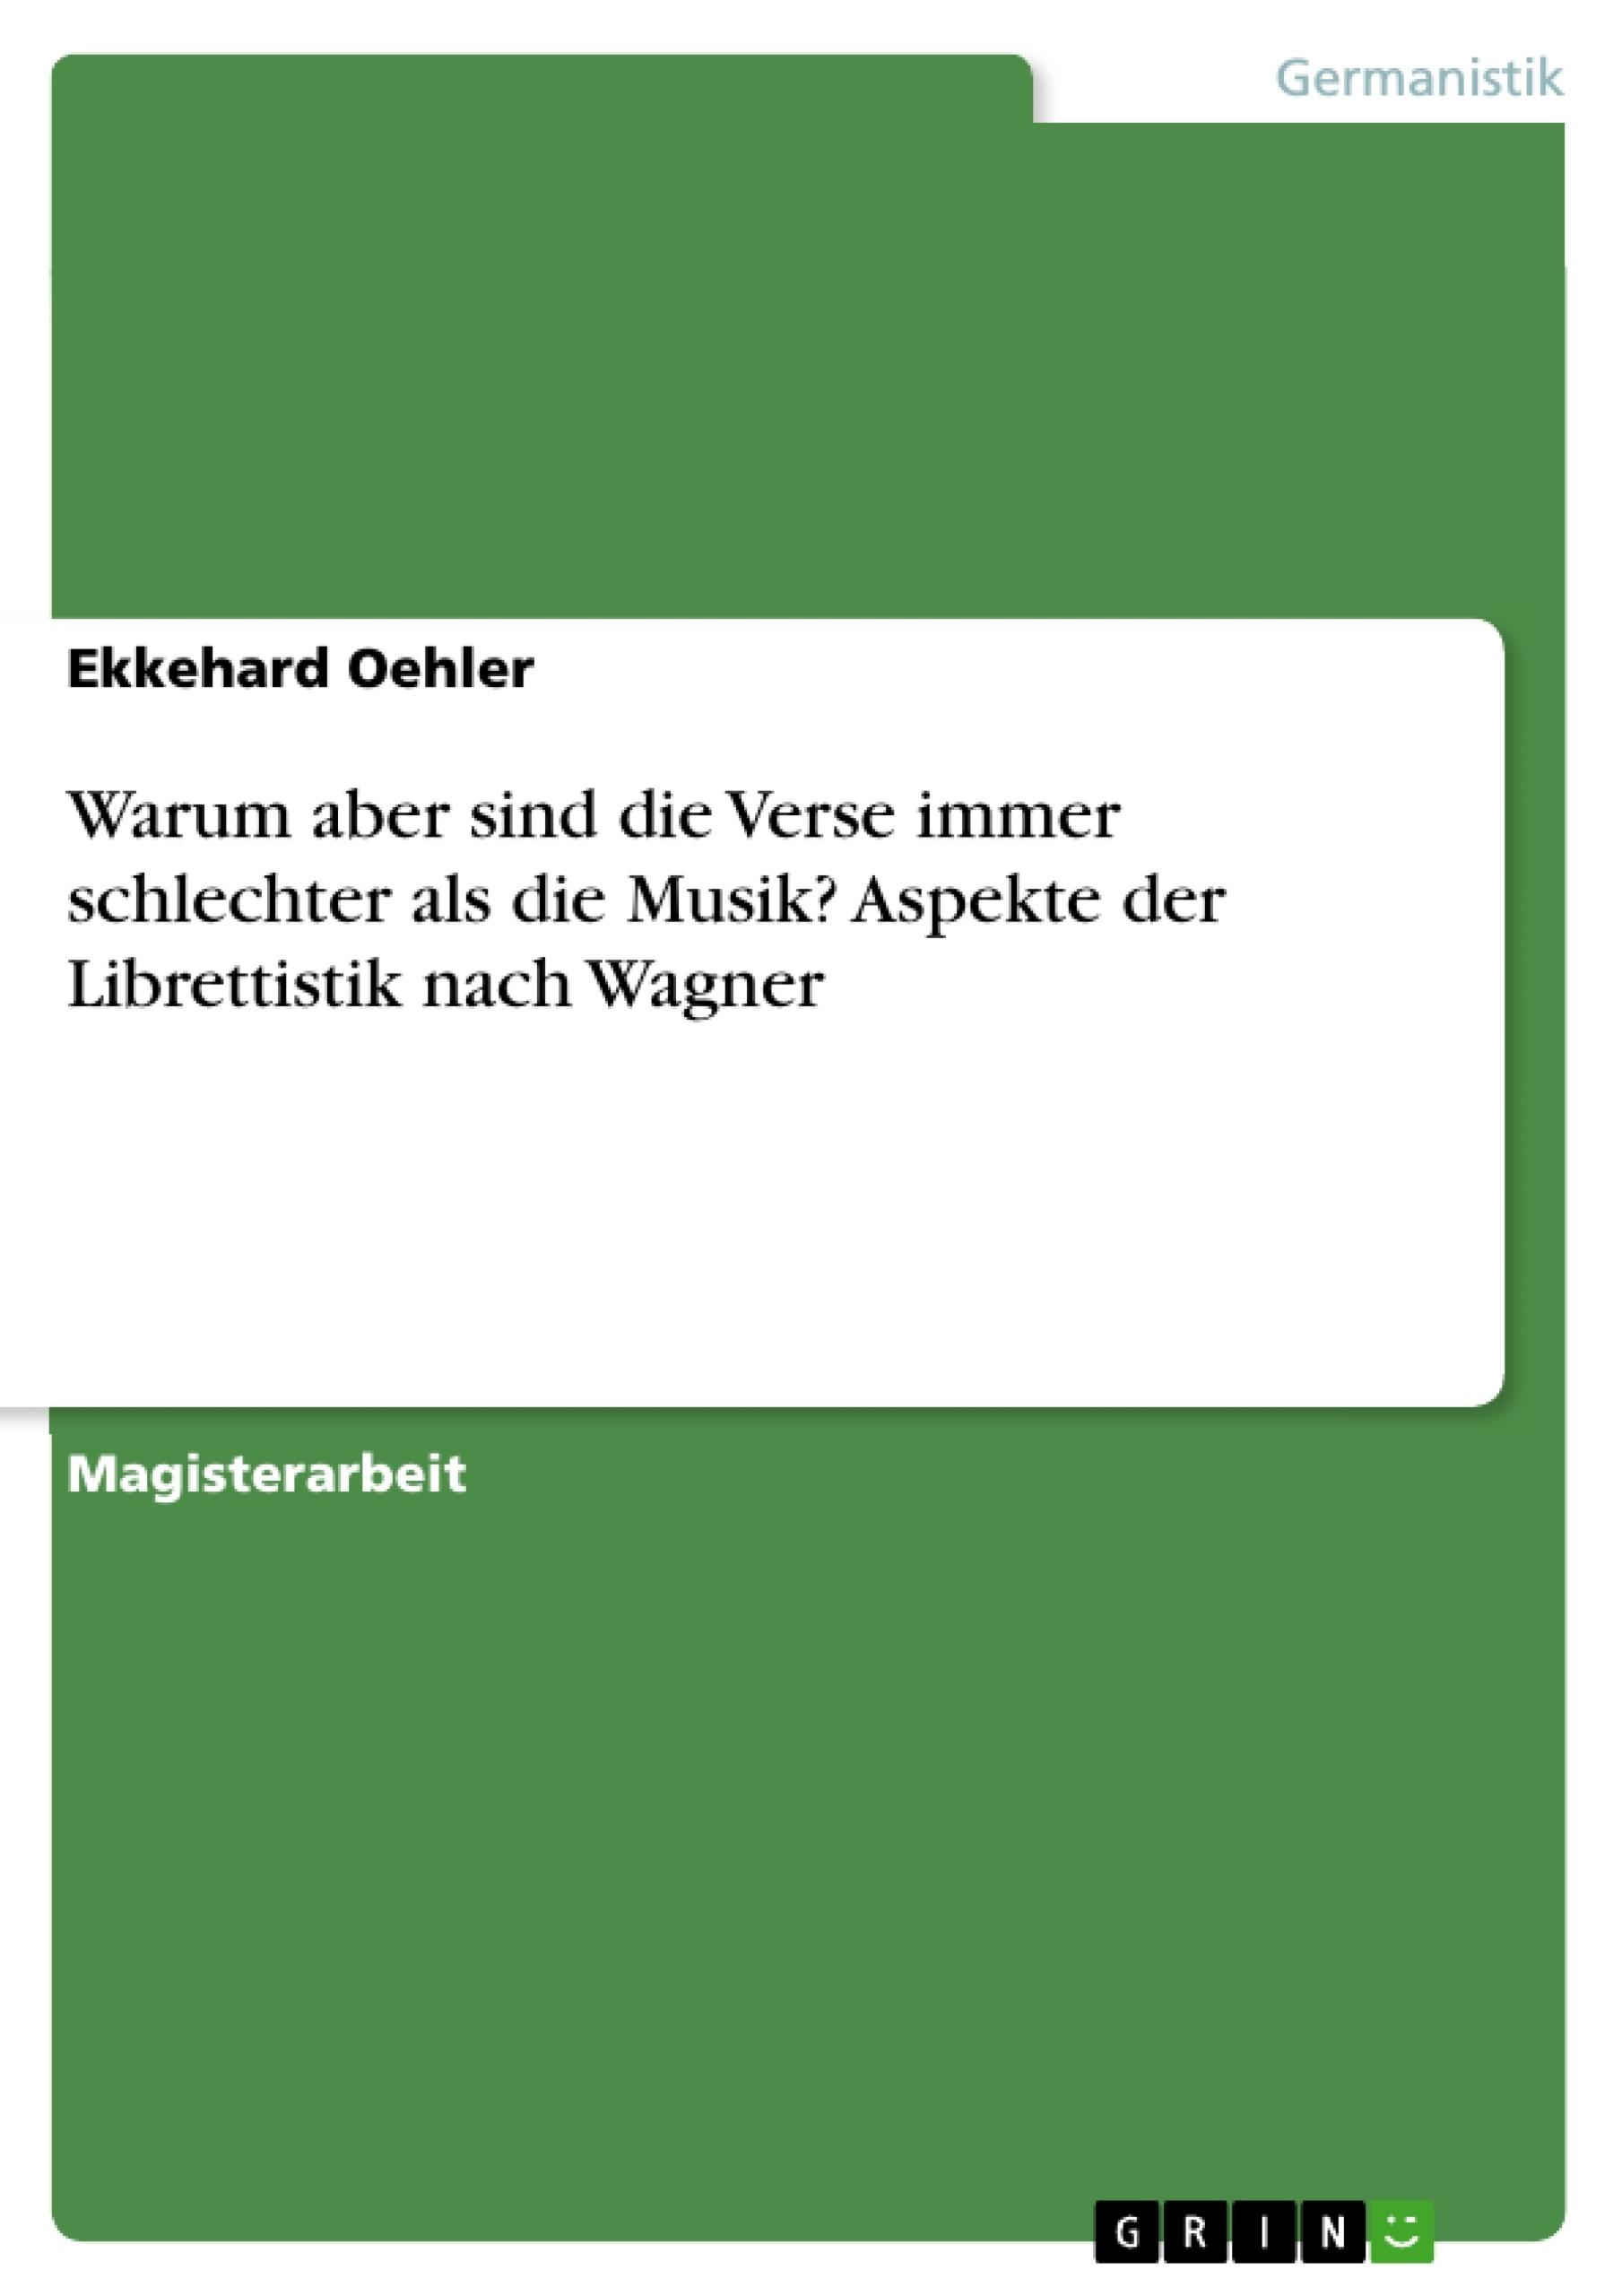 Titel: Warum aber sind die Verse immer schlechter als die Musik? Aspekte der Librettistik nach Wagner